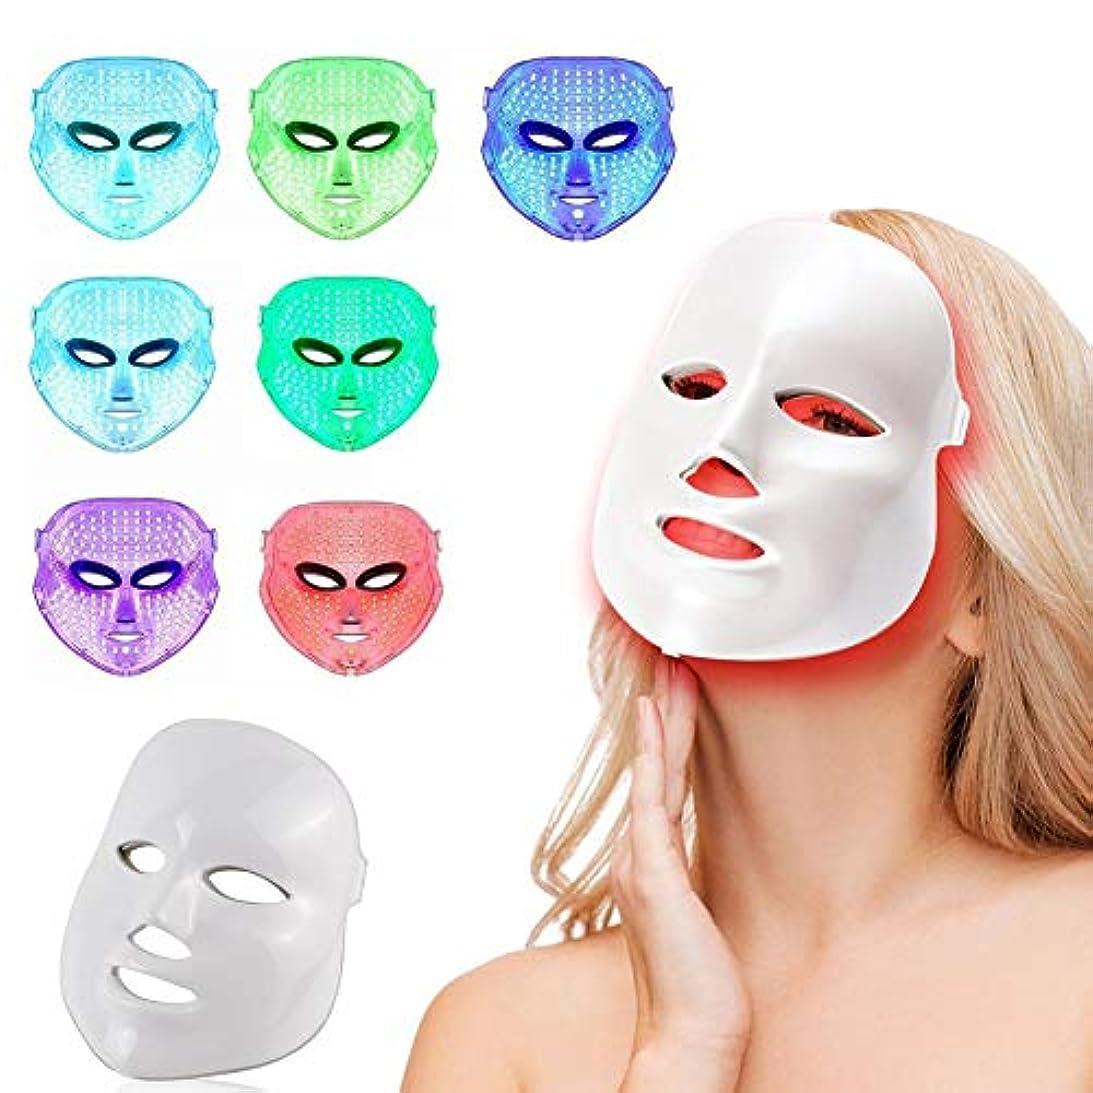 送信する解釈する主人7色LEDフェイスマスク、健康な肌の若返りのための光子光療法、フェイシャルスキンケア、アンチエイジングビューティー